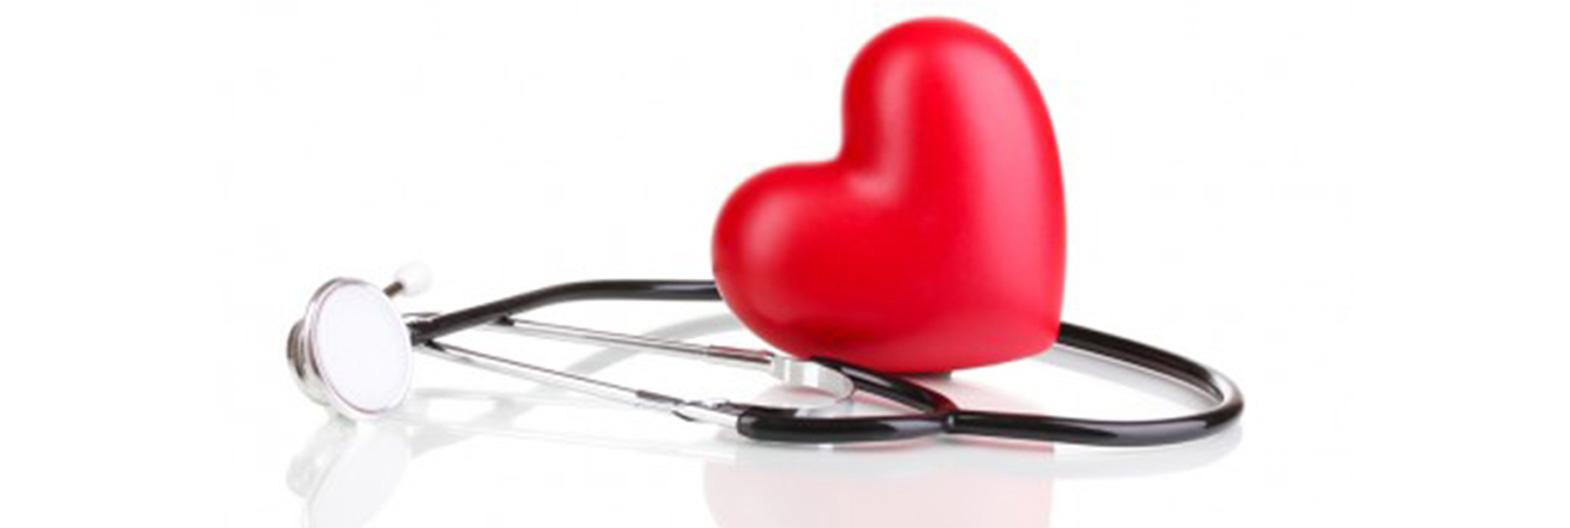 ar galima eiti į kalnus su hipertenzija geriausias straipsnis apie hipertenziją